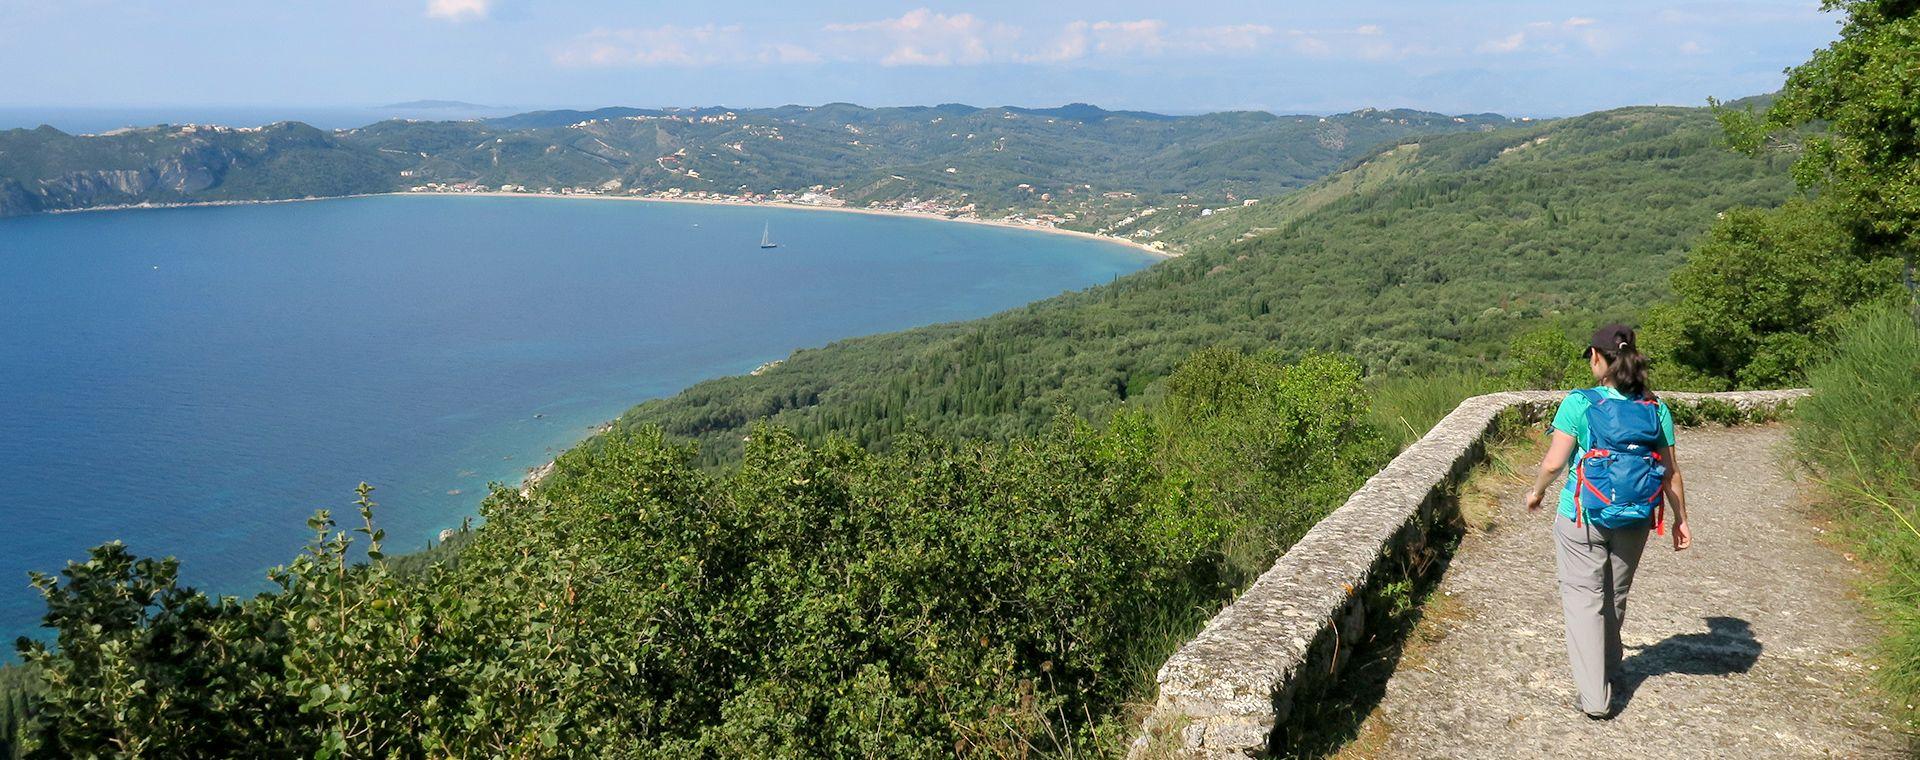 Voyage à pied : Corfou et Paxos